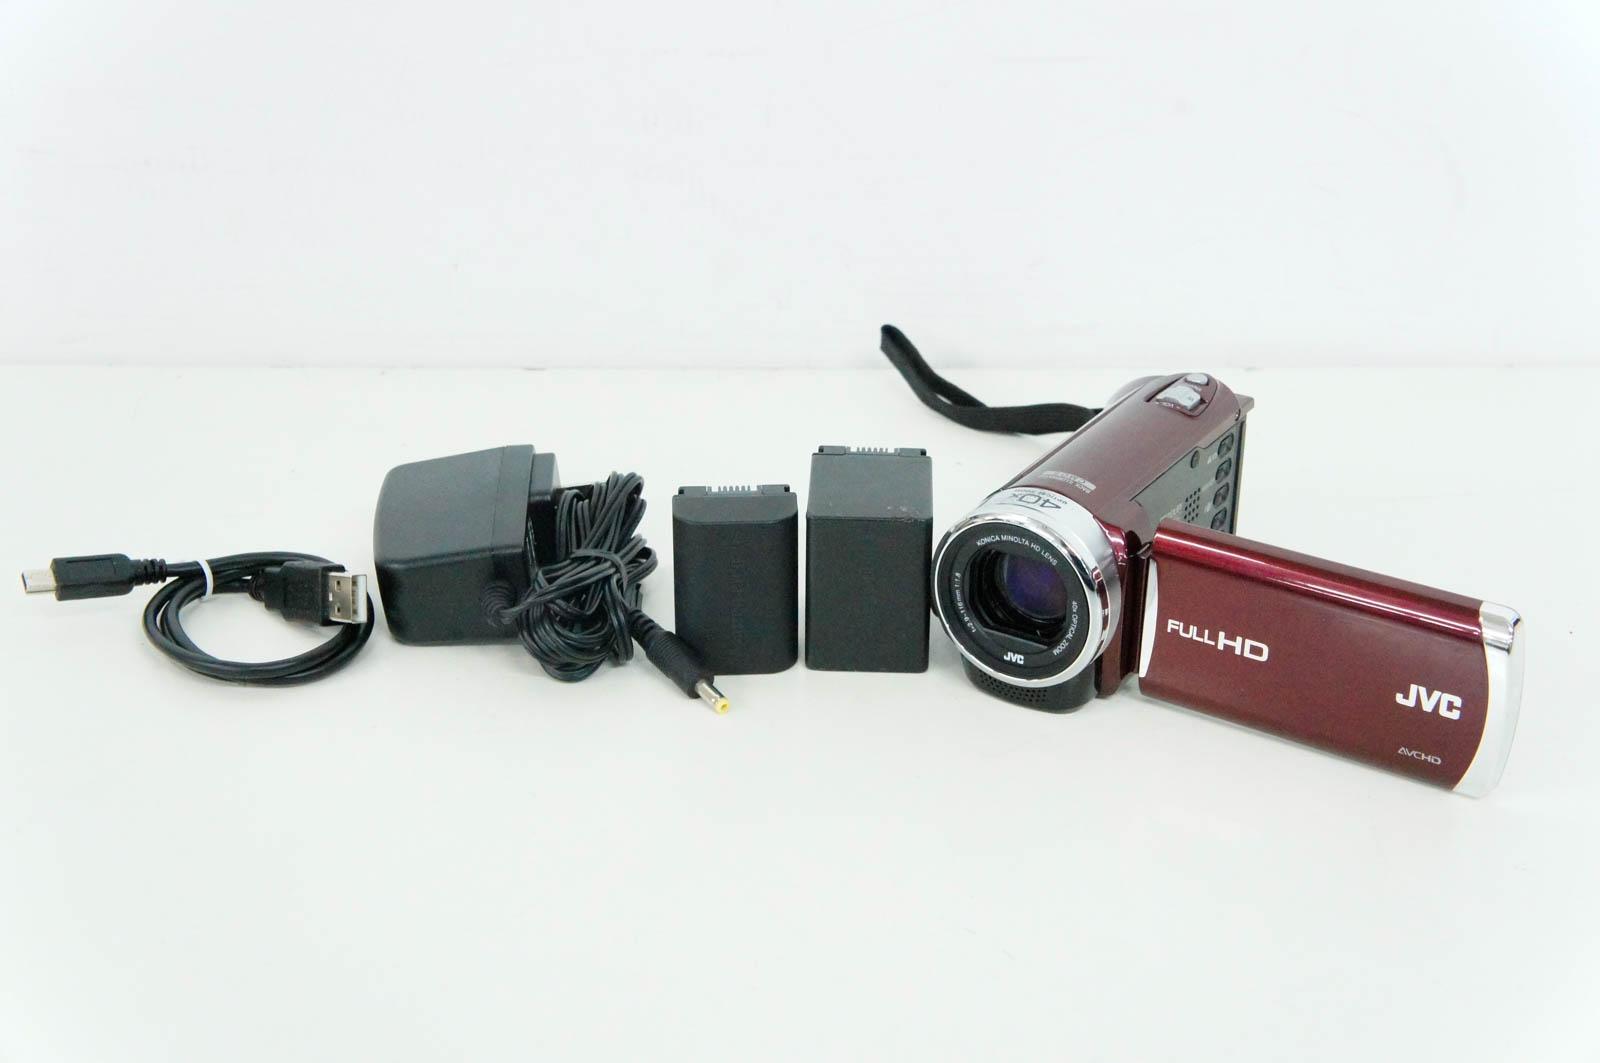 【中古】JVC Victorビクター デジタルムービー エブリオEverio GZ-E220-R 8GB内蔵メモリー ビデオカメラ